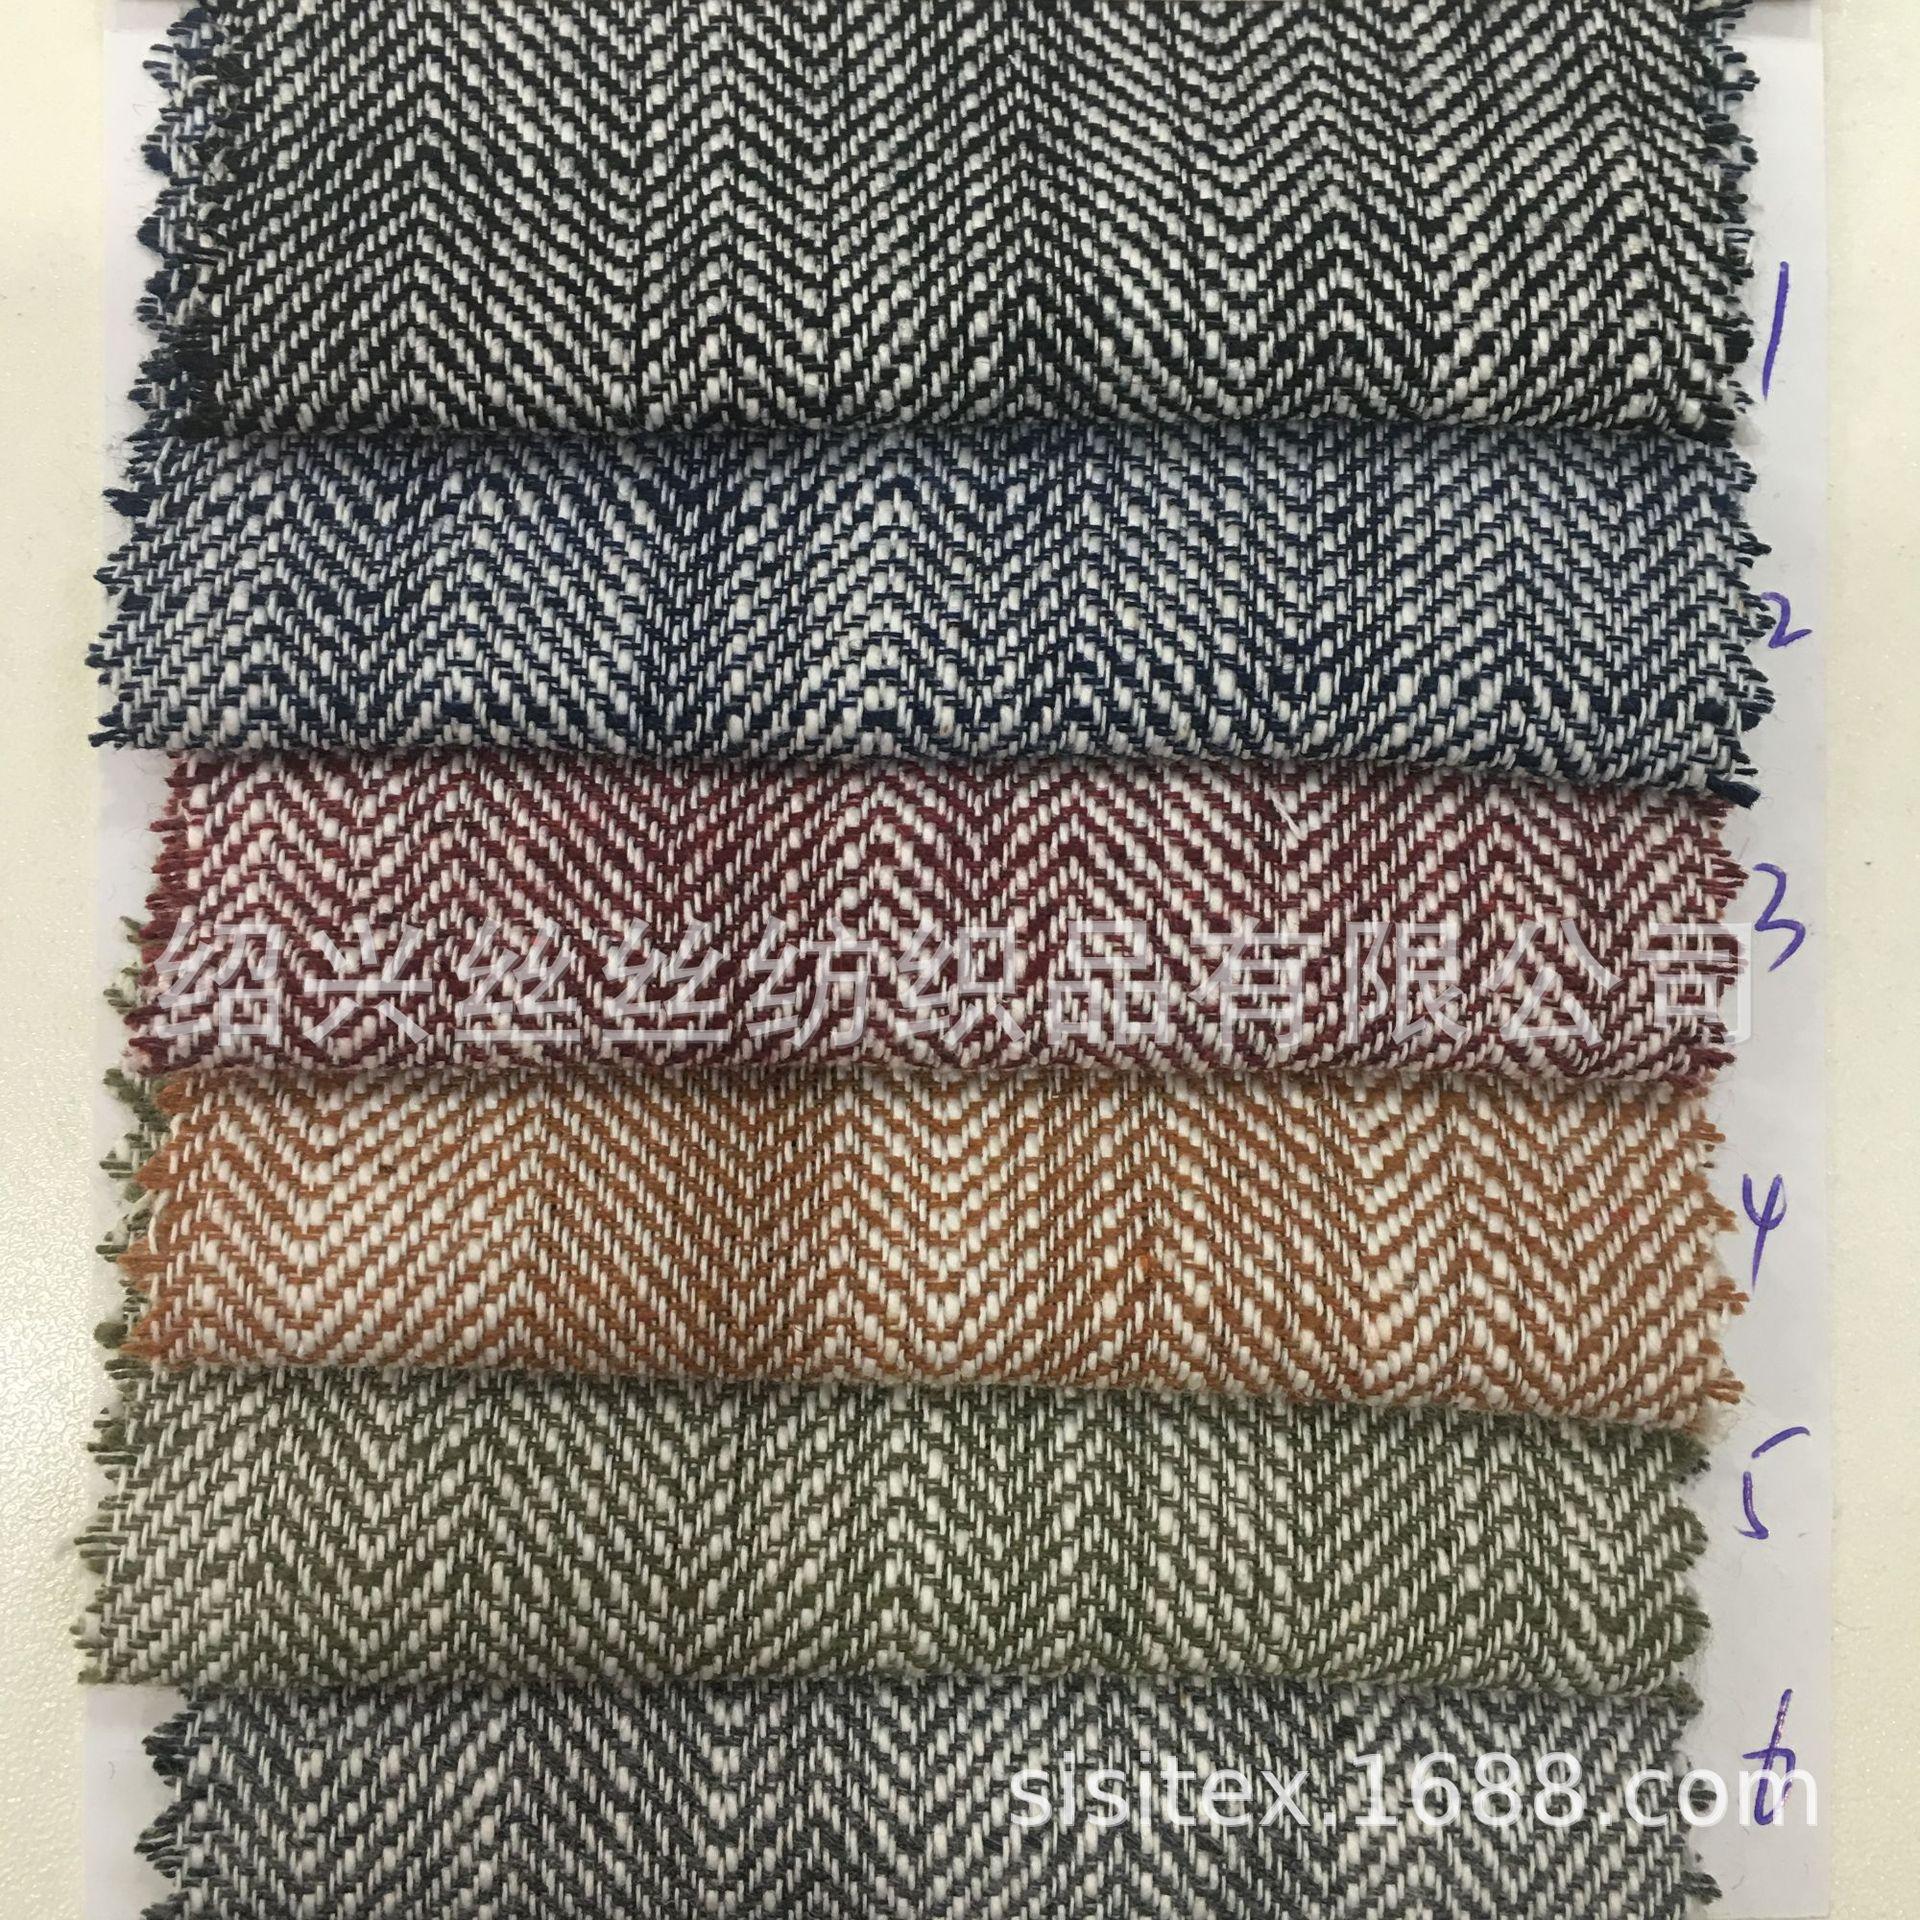 【丝丝纺织】棉麻色织布 人字纹 双色 服装鞋包面料 2031732